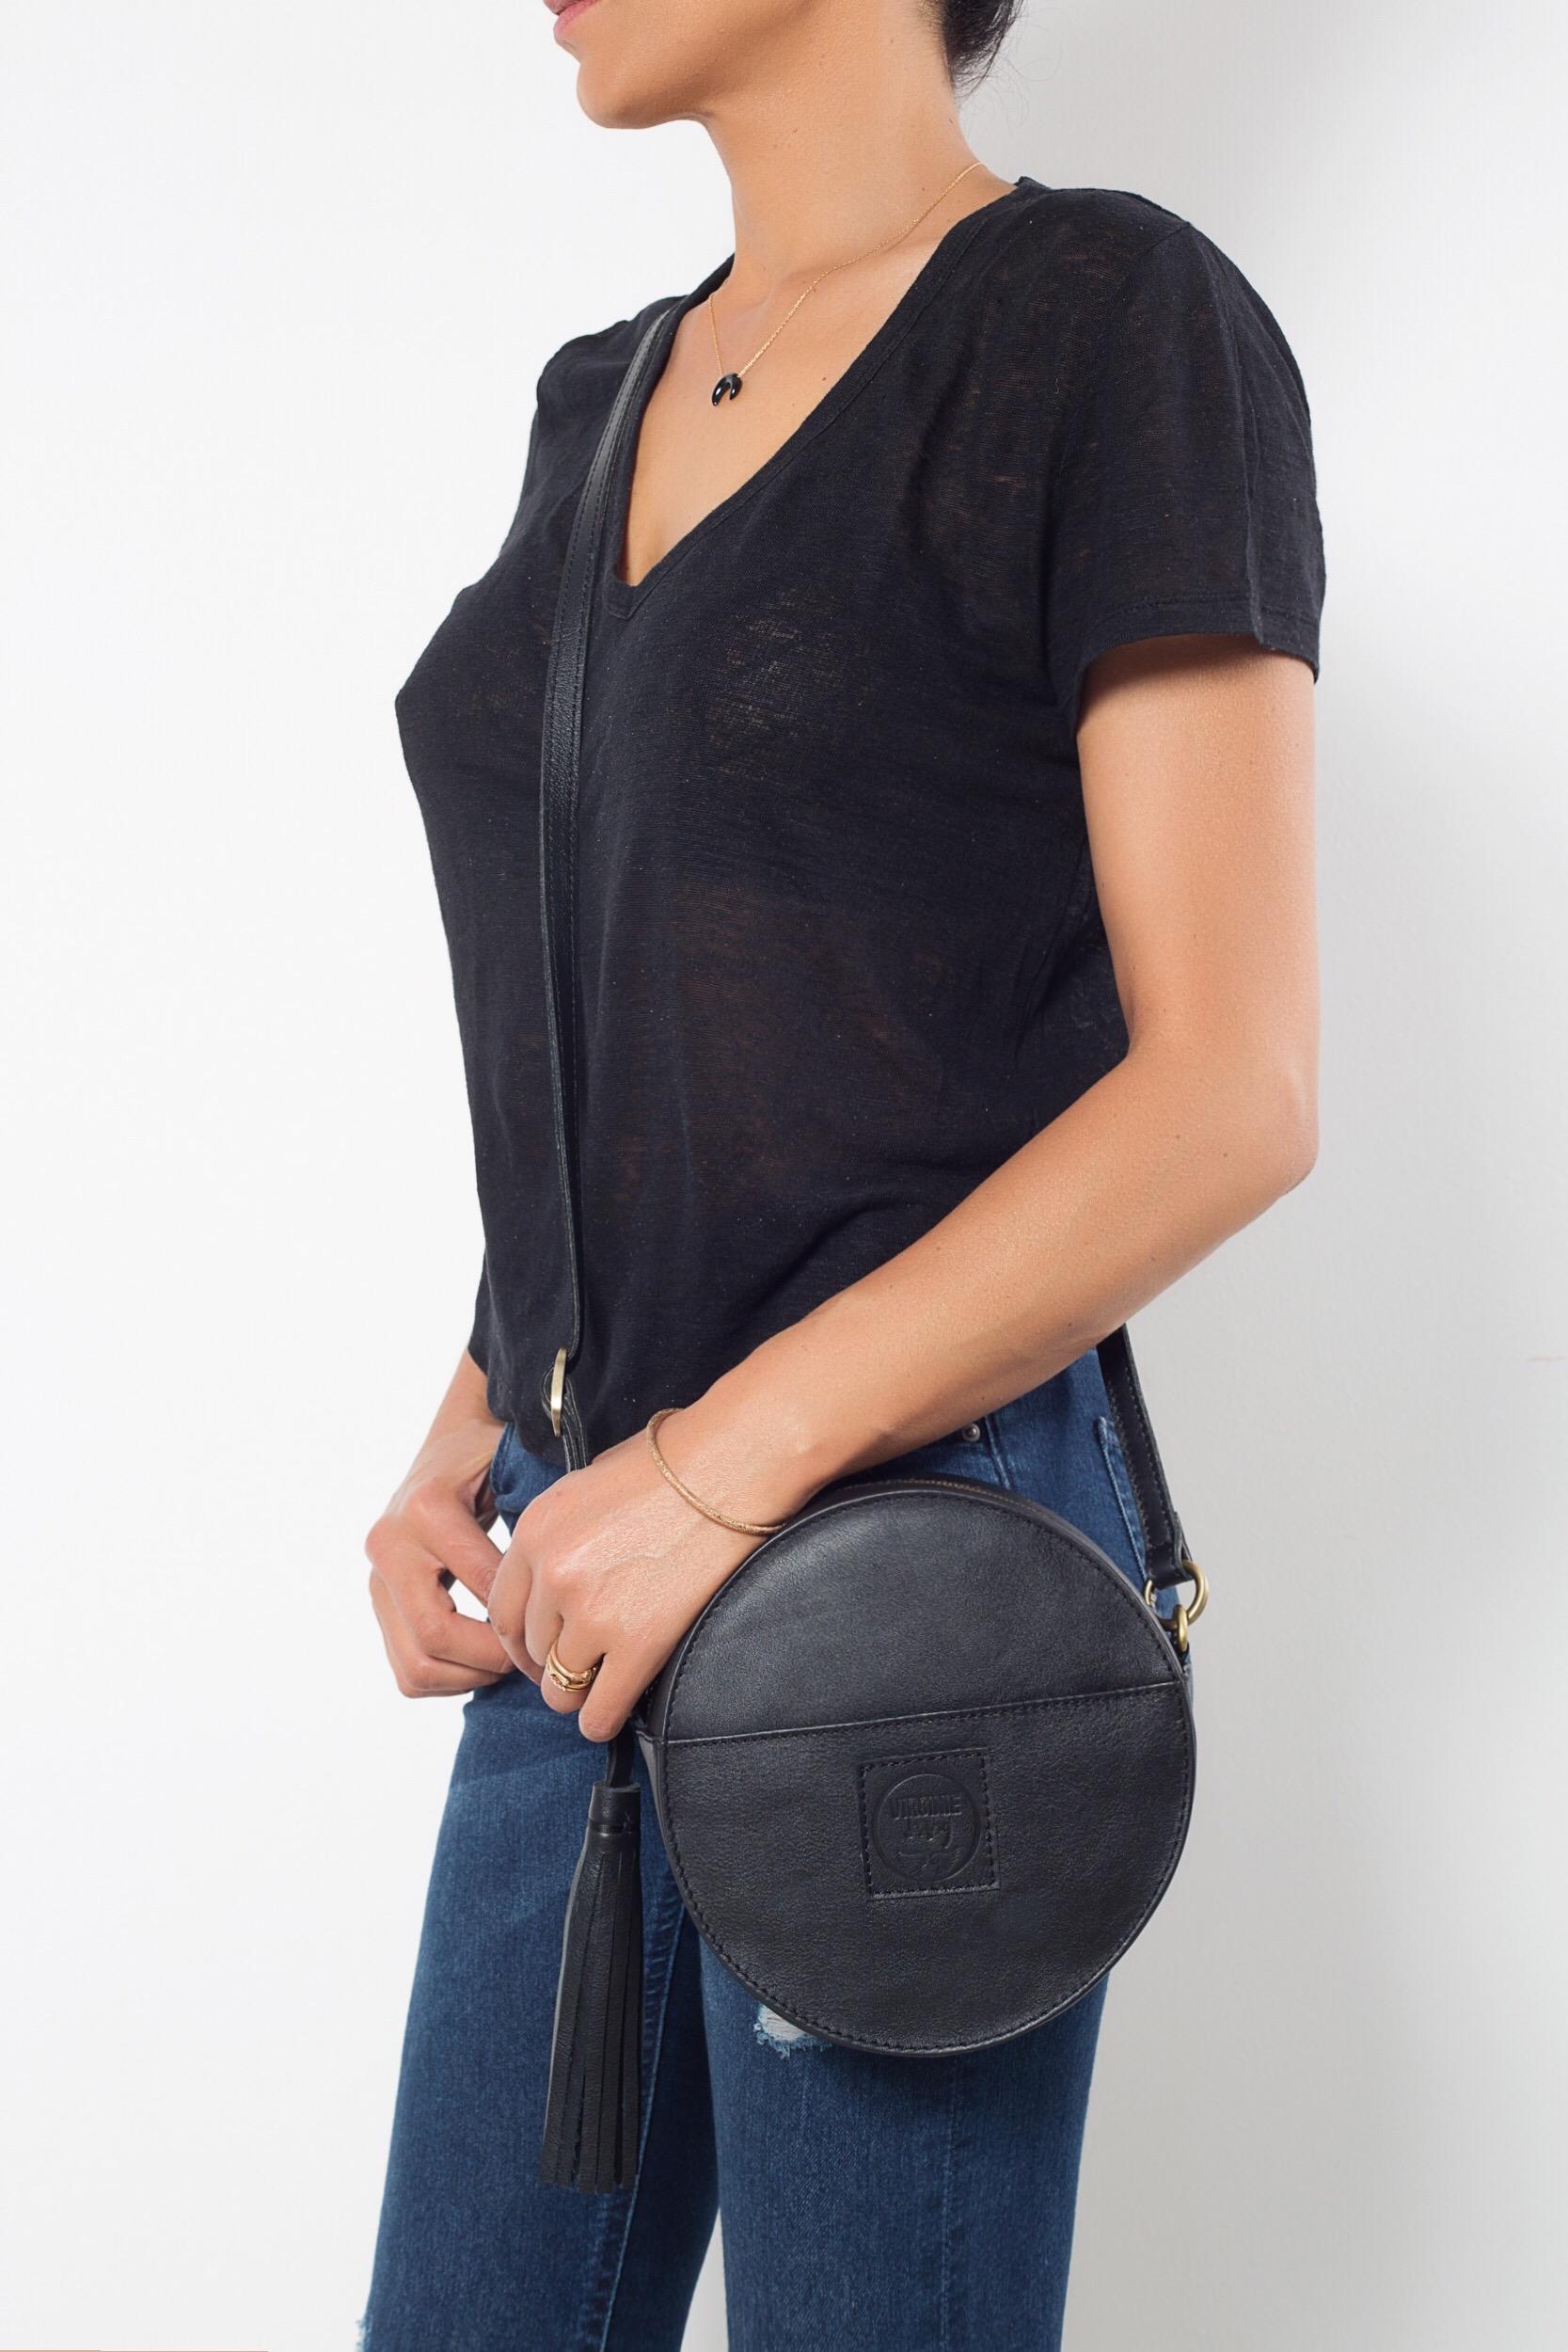 Circle black leather bag Virginie Darling